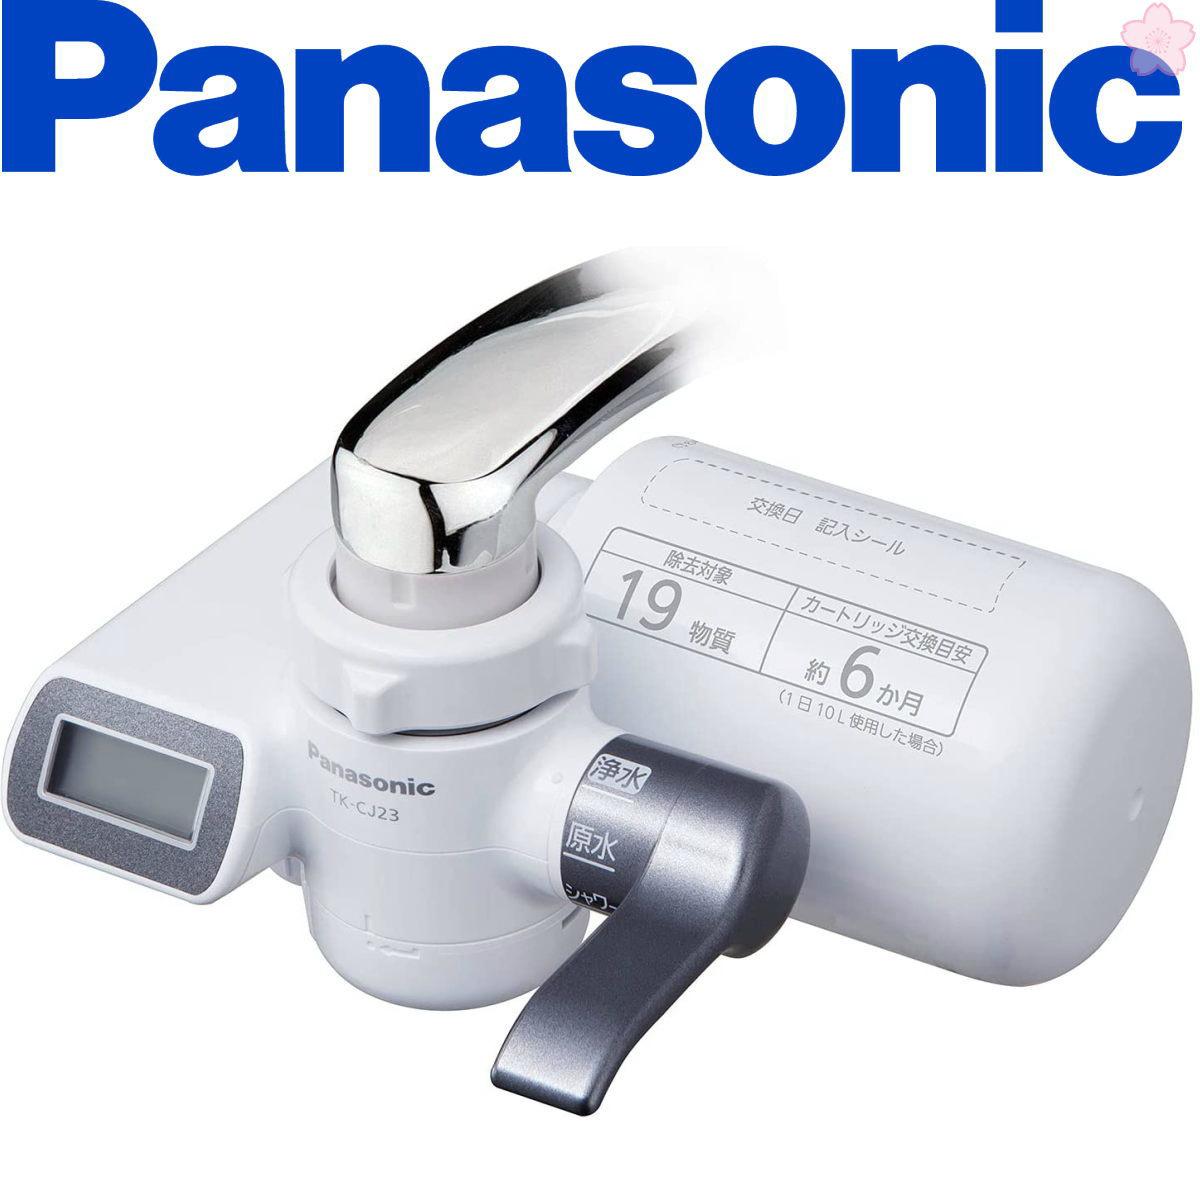 Panasonic 浄水器 蛇口直結型   TK-CJ23-H   13物質+7物質除去   メタリックグレー   対応カート TK-CJ23C1   パナソニック